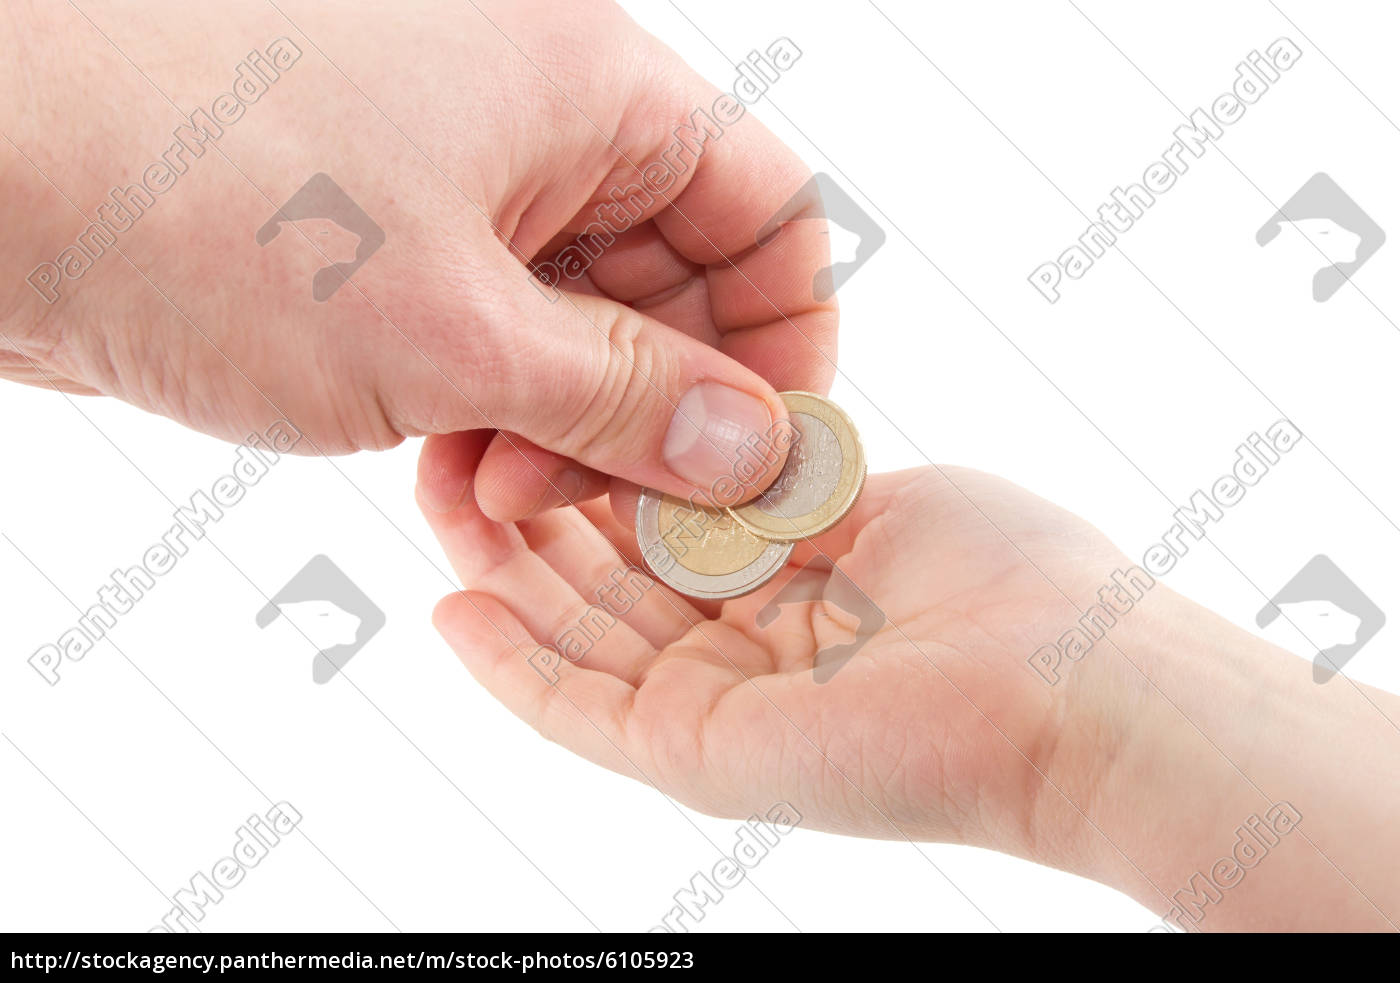 taschengeld, euromünzen - 6105923